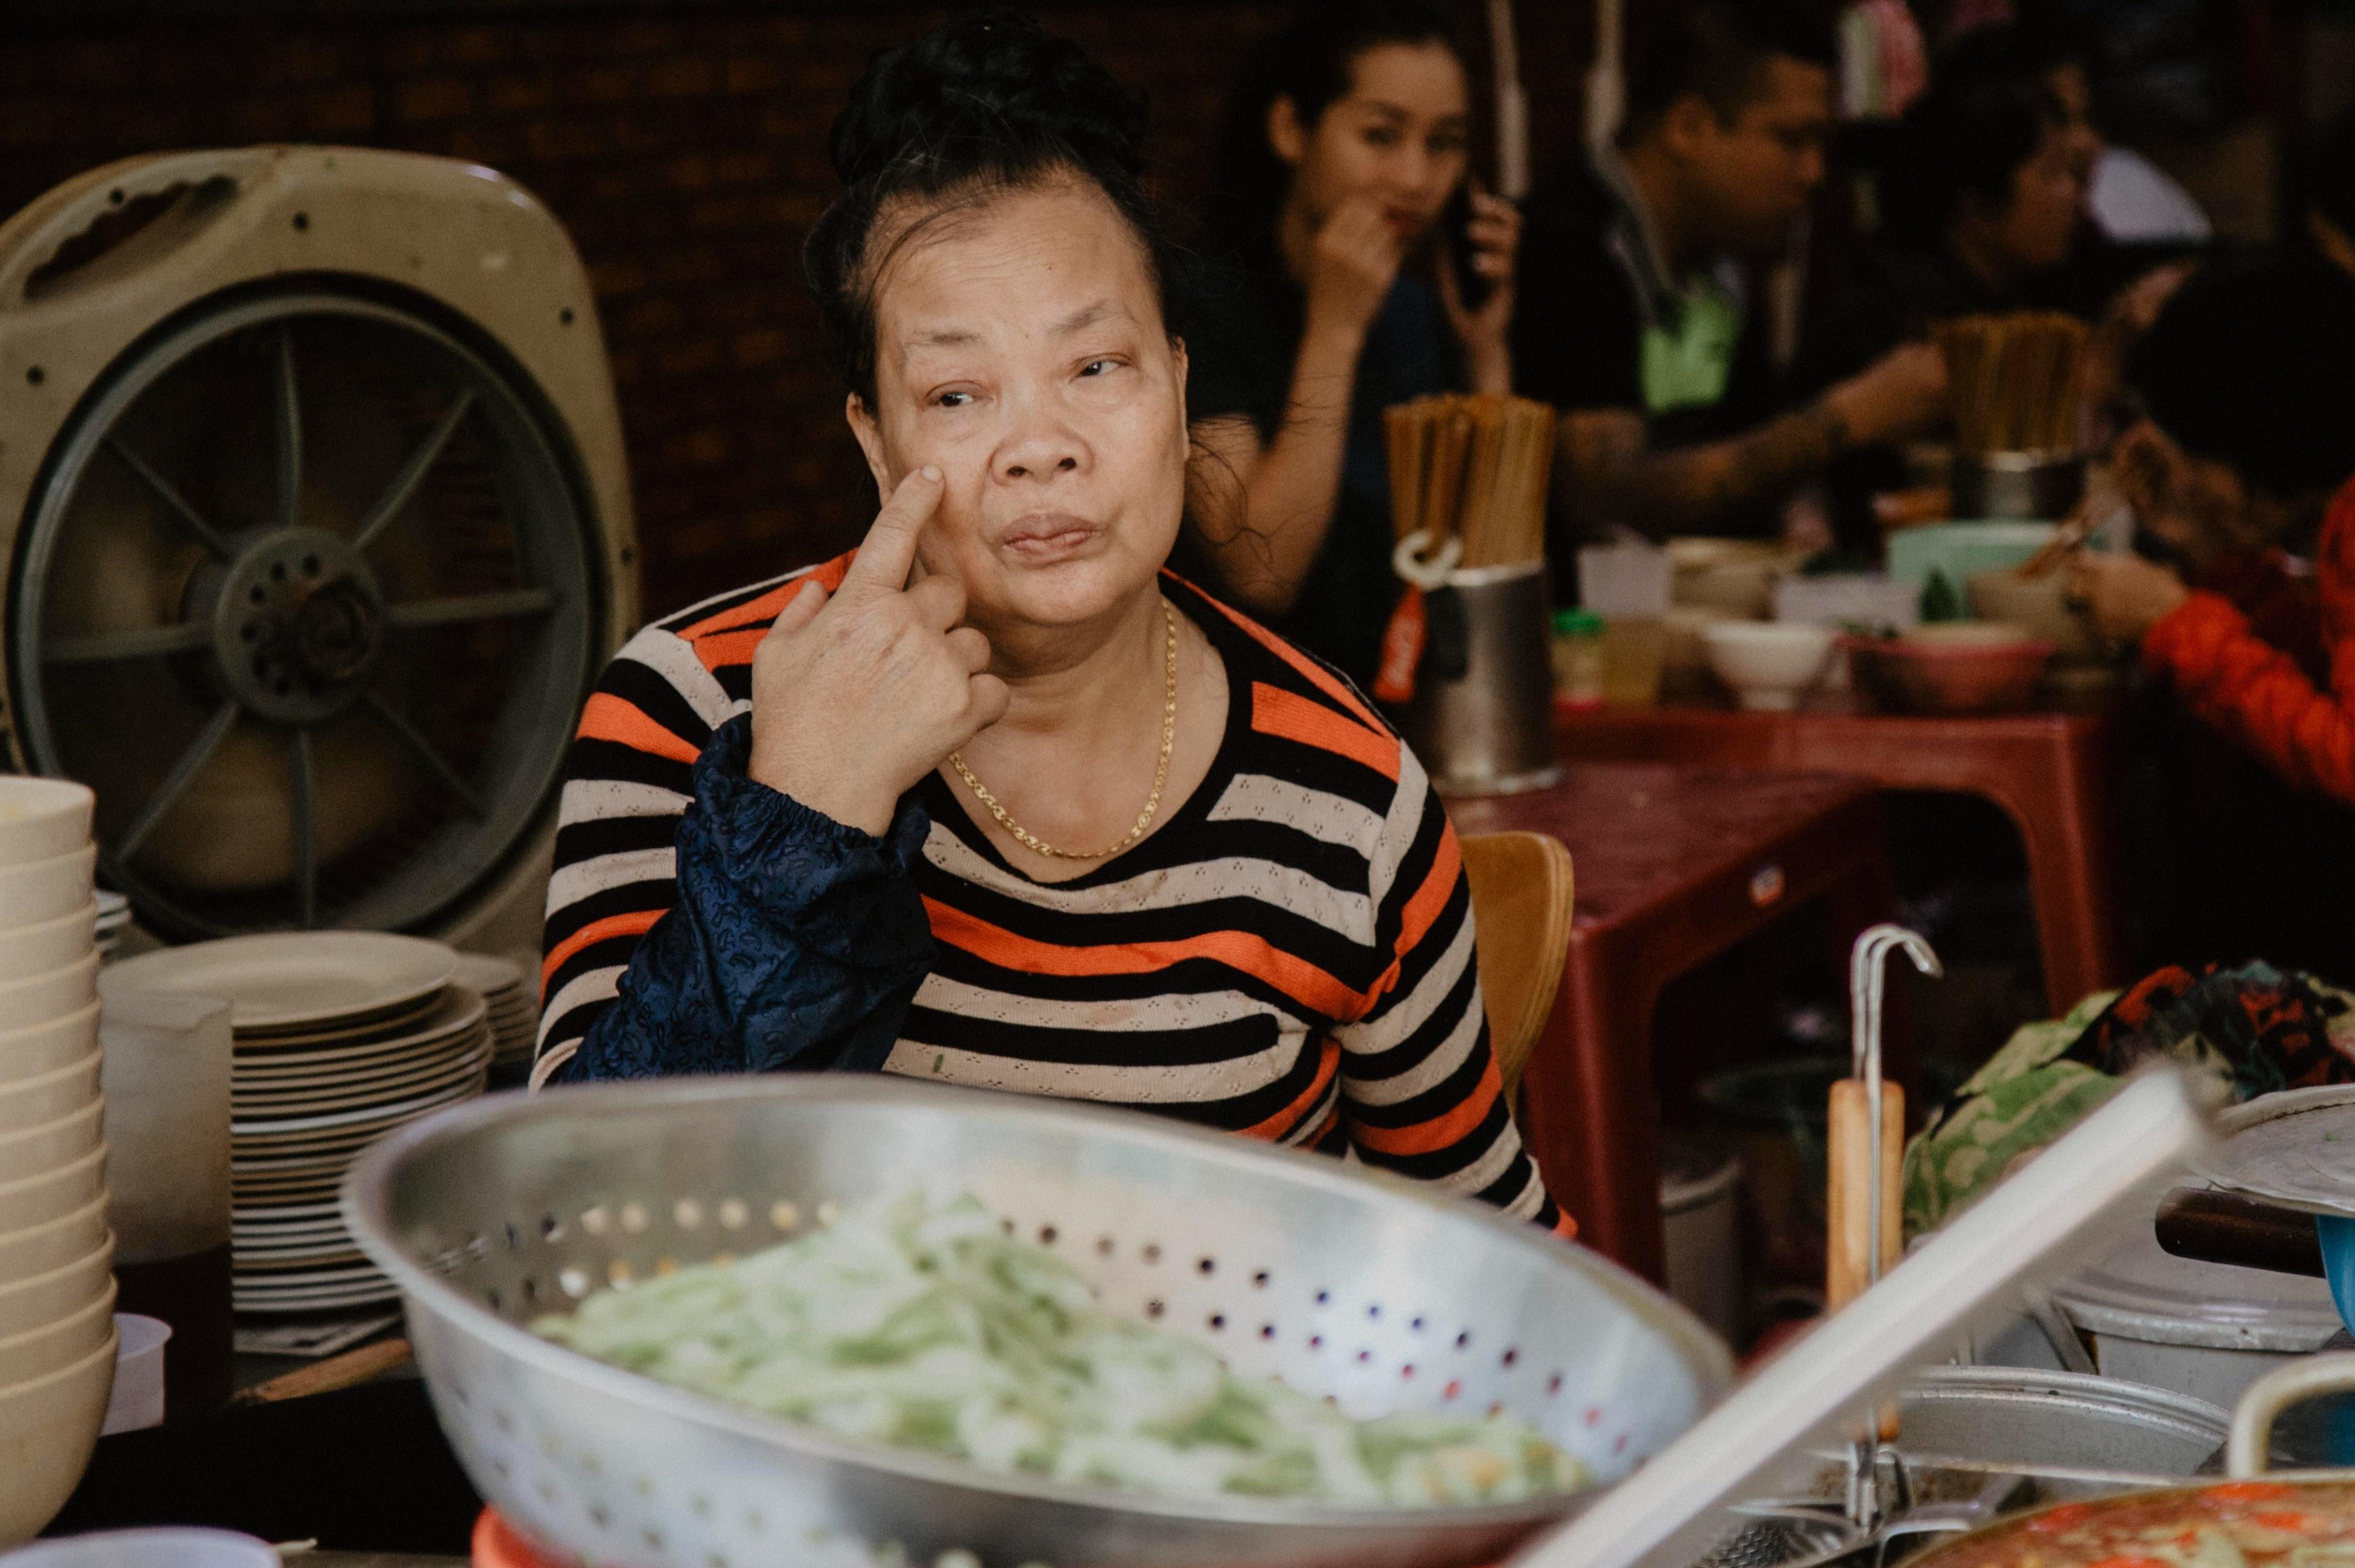 Chủ quán bún chửi ở Hà Nội: 'Già rồi, tôi cũng sợ bị đánh'